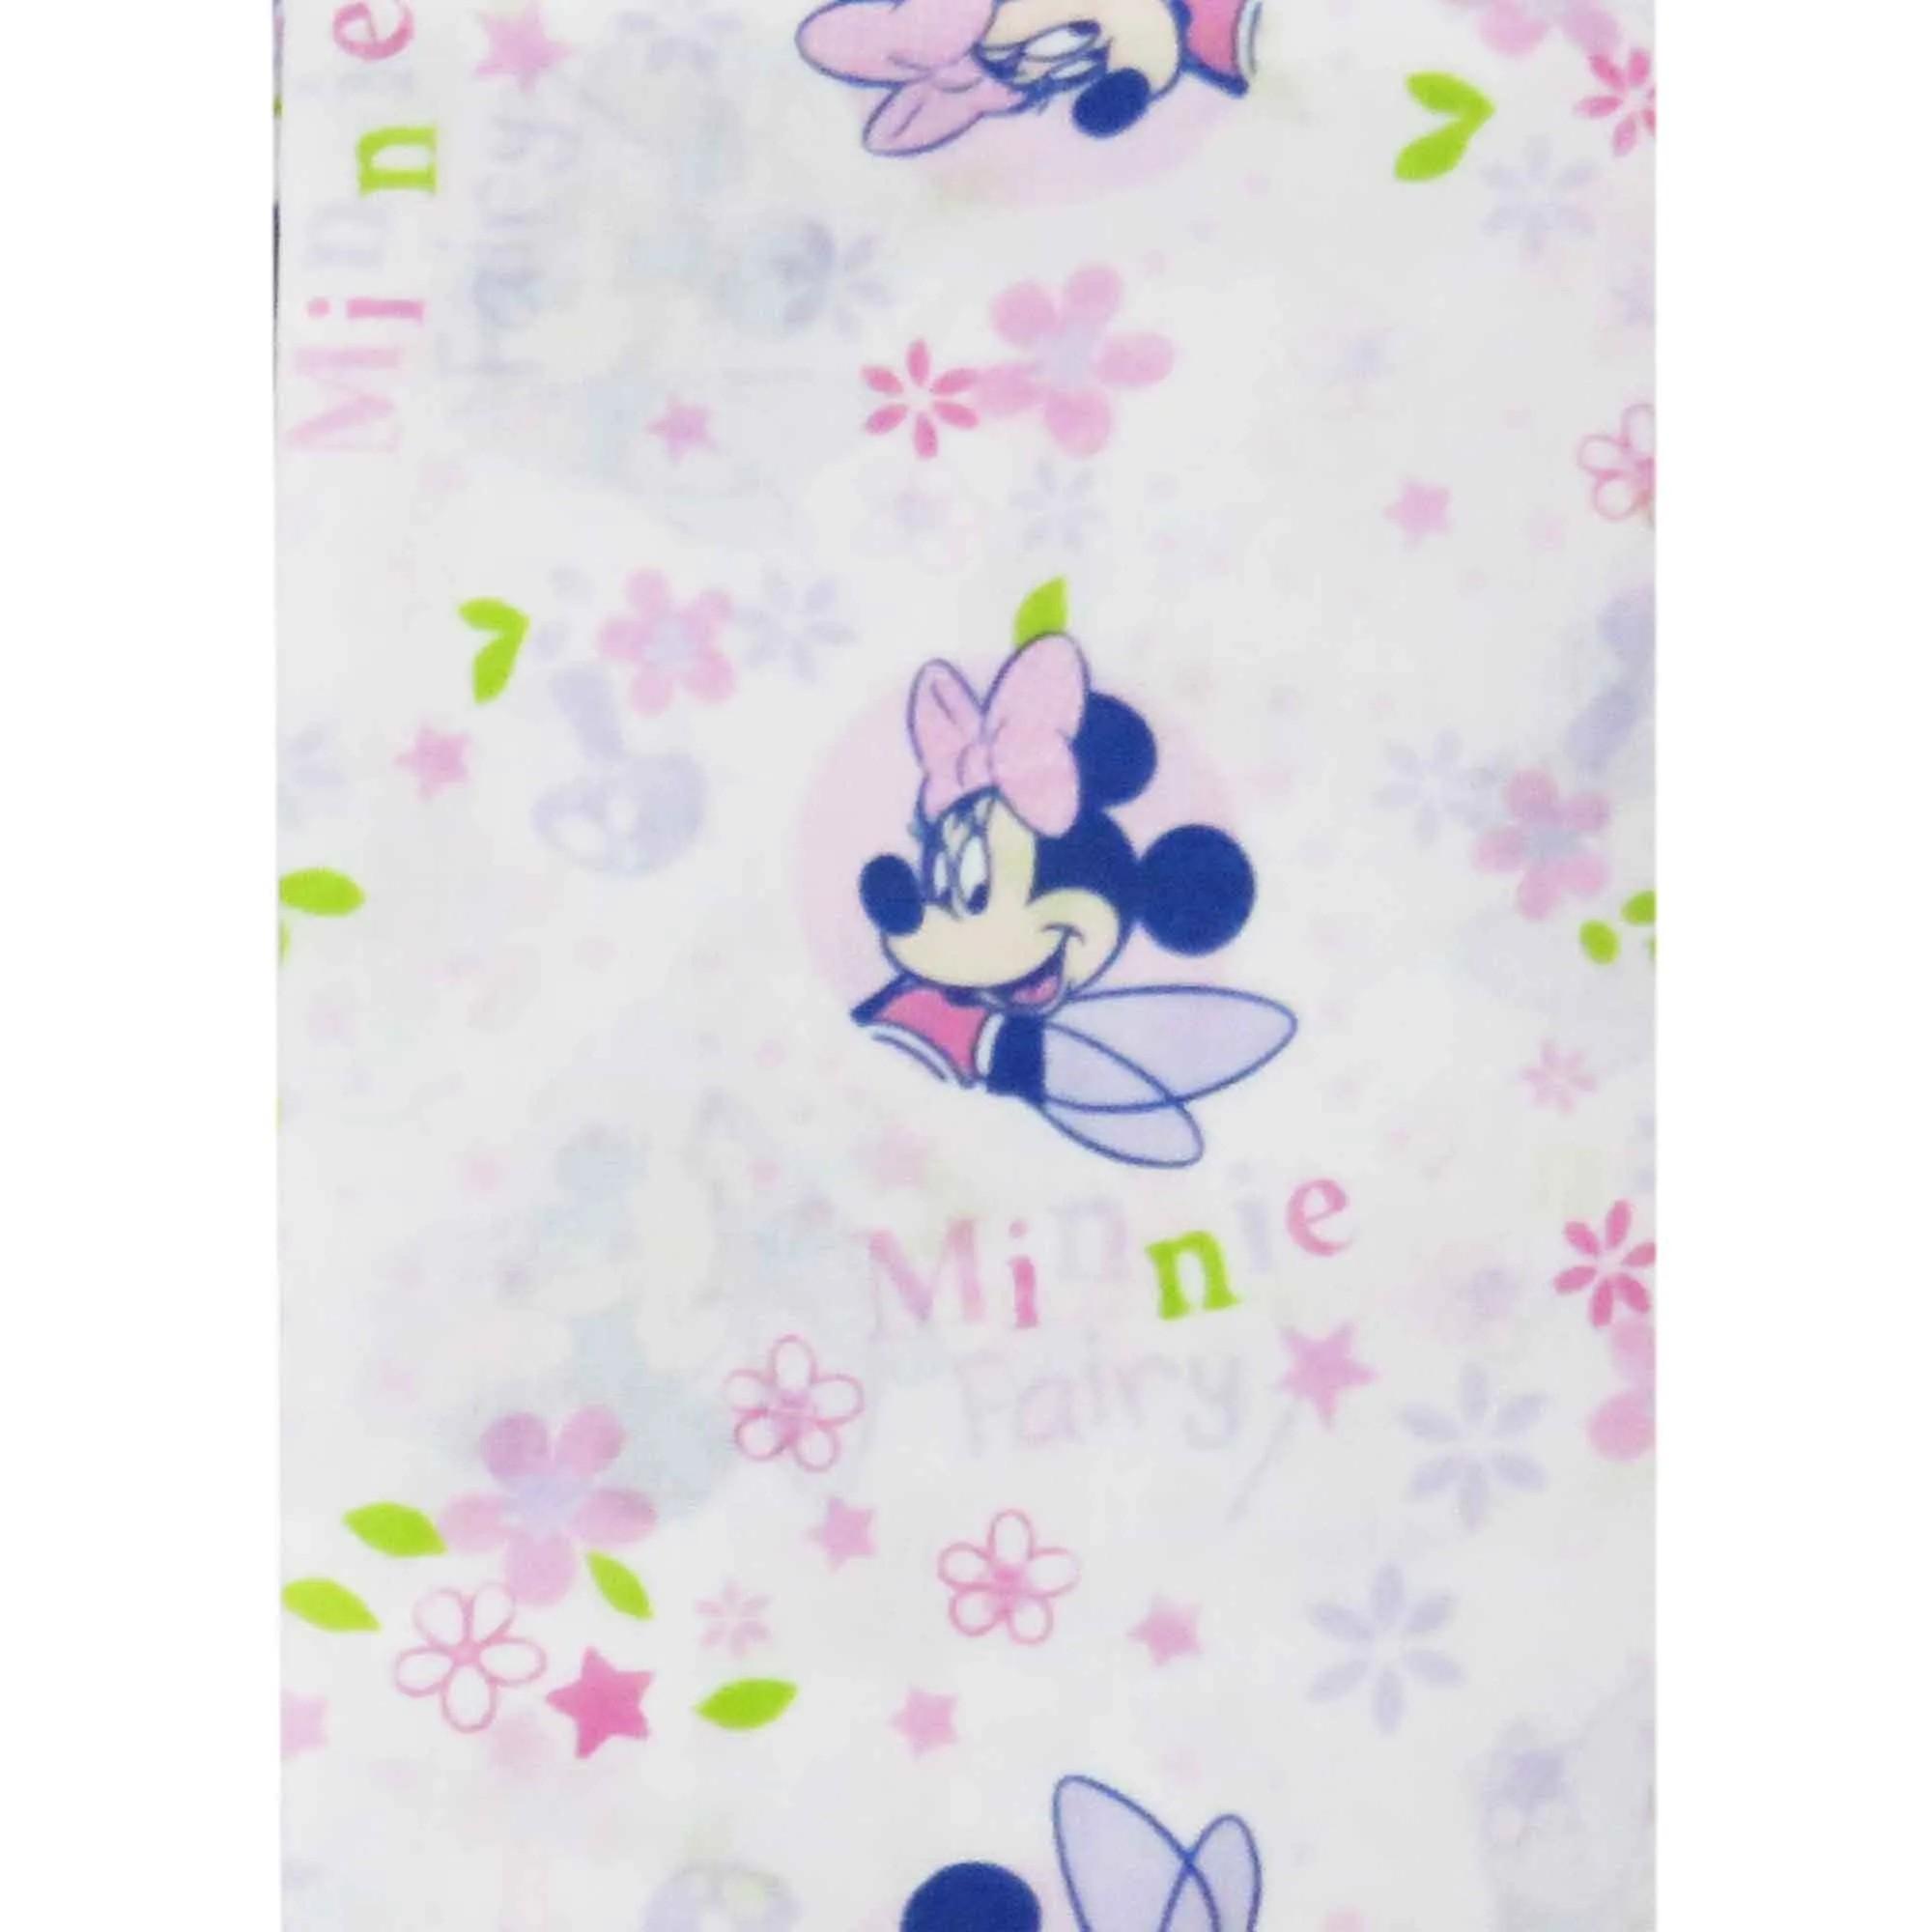 Lençol Minasrey Disney - Minnie